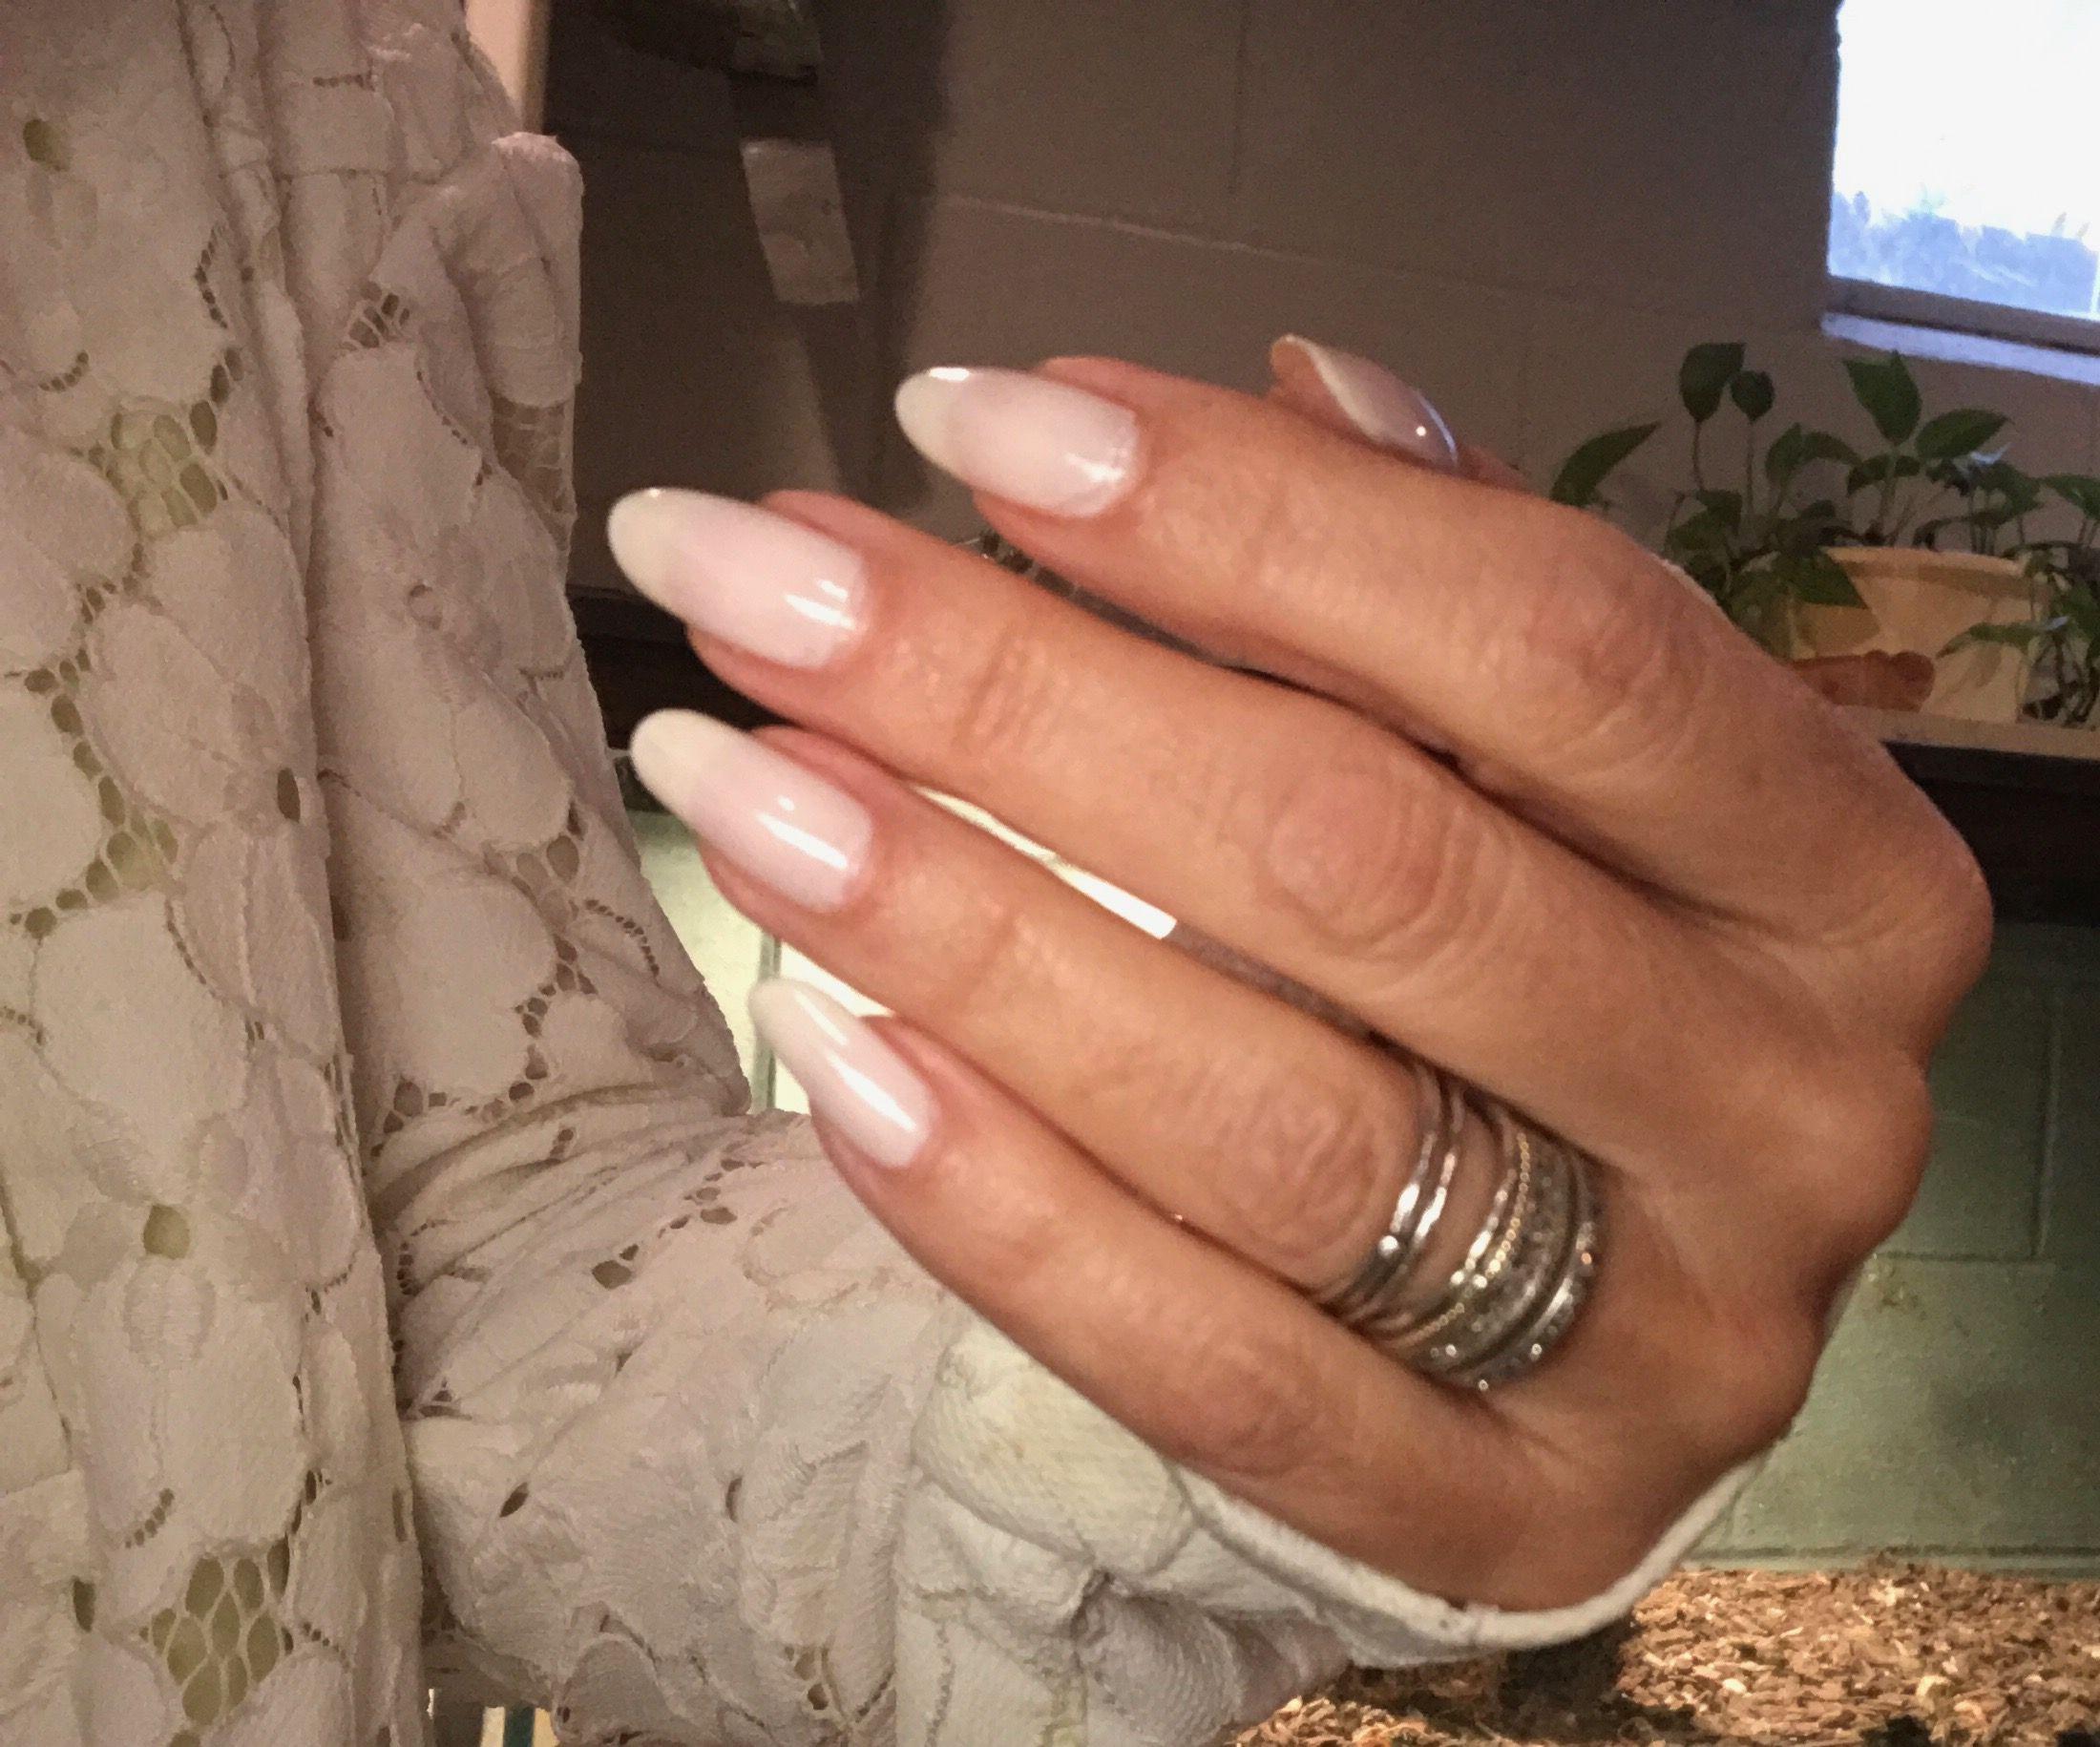 Long oval nails at life on mars beauty | Cynthia\'s Nail and Lip ...